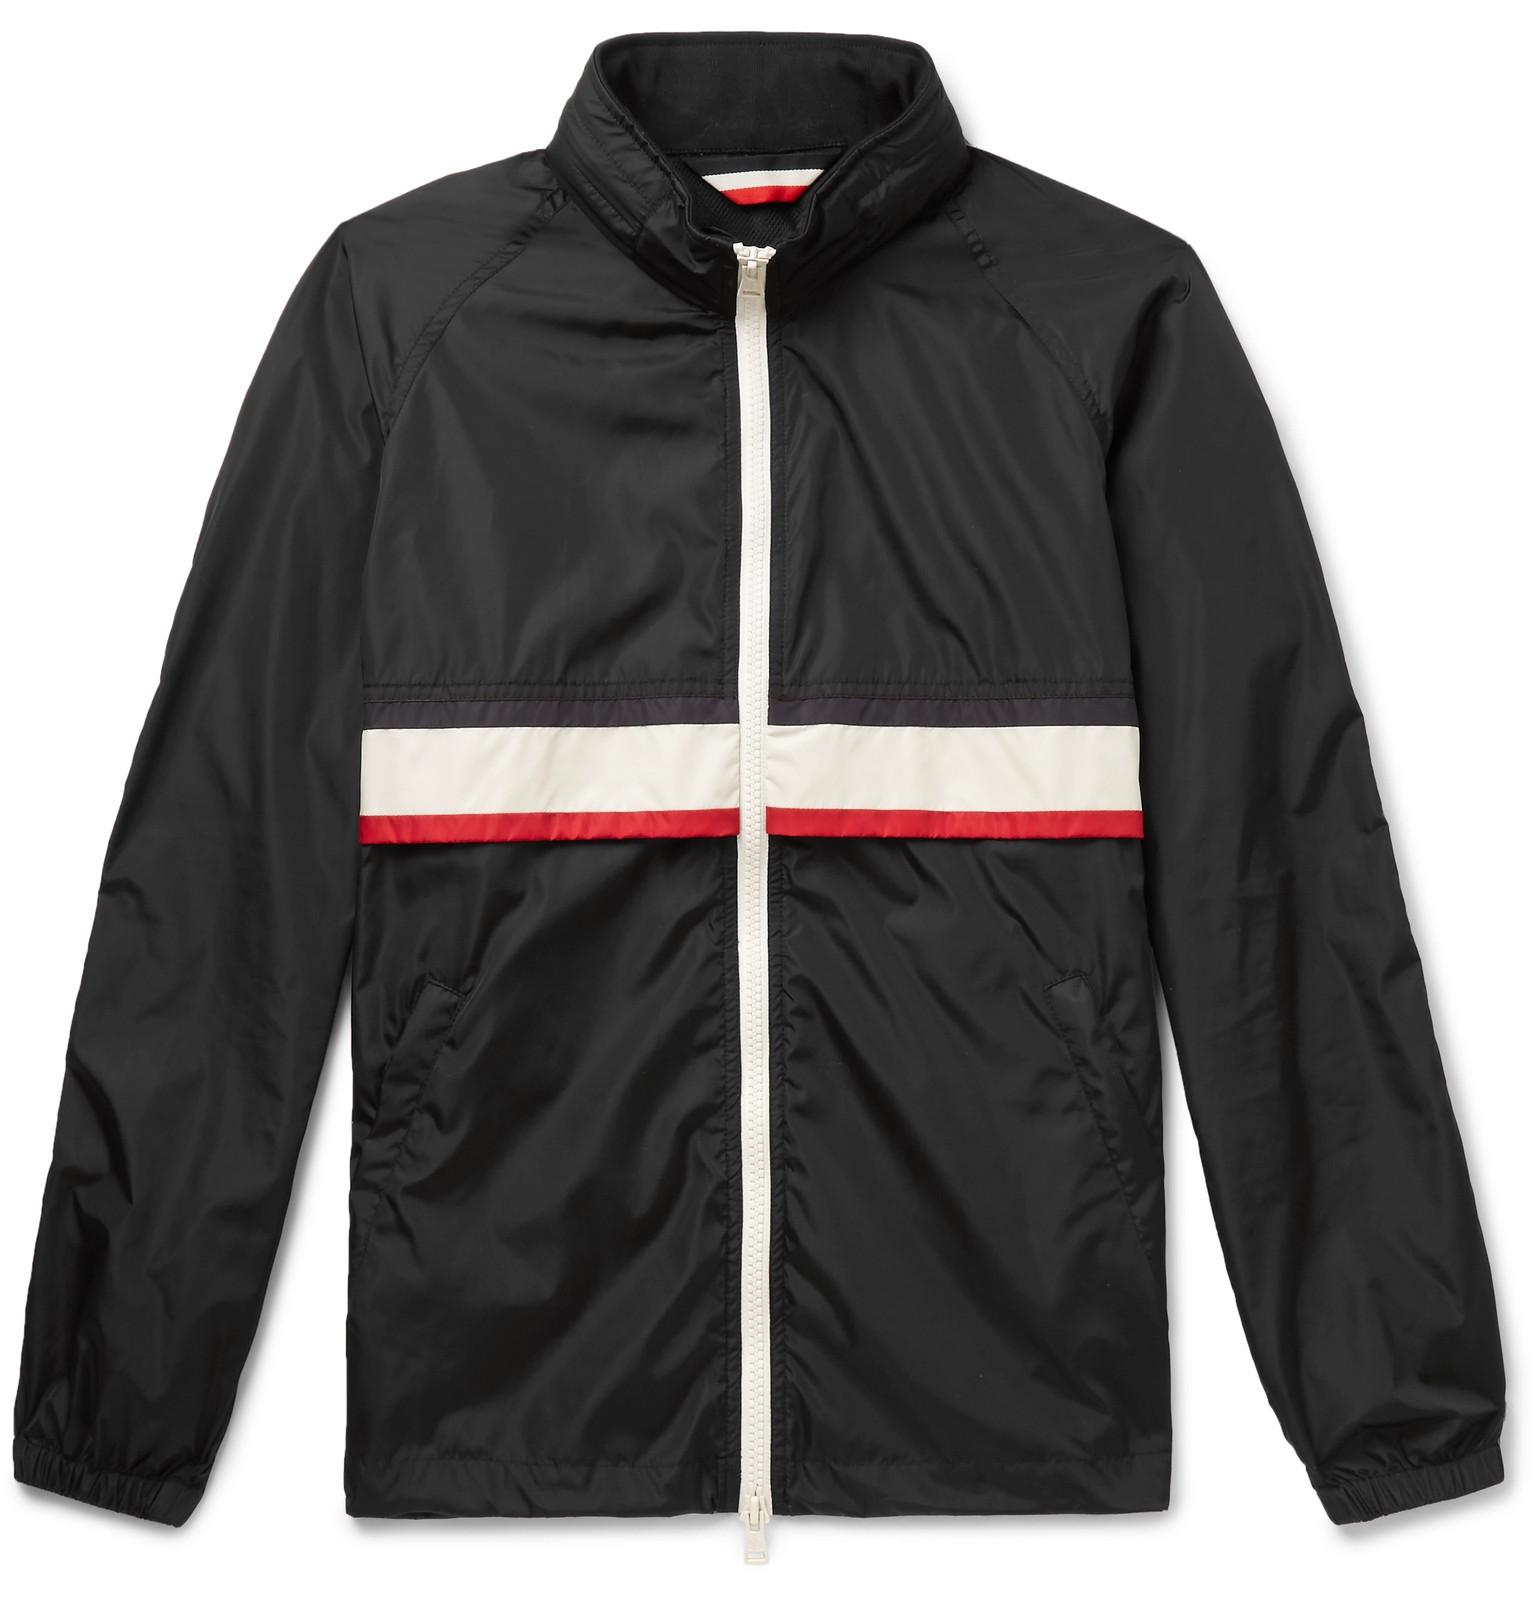 a2e807253fc0 Moncler Genius - 2 Moncler 1952 Allos Contrast-Trimmed Nylon Jacket